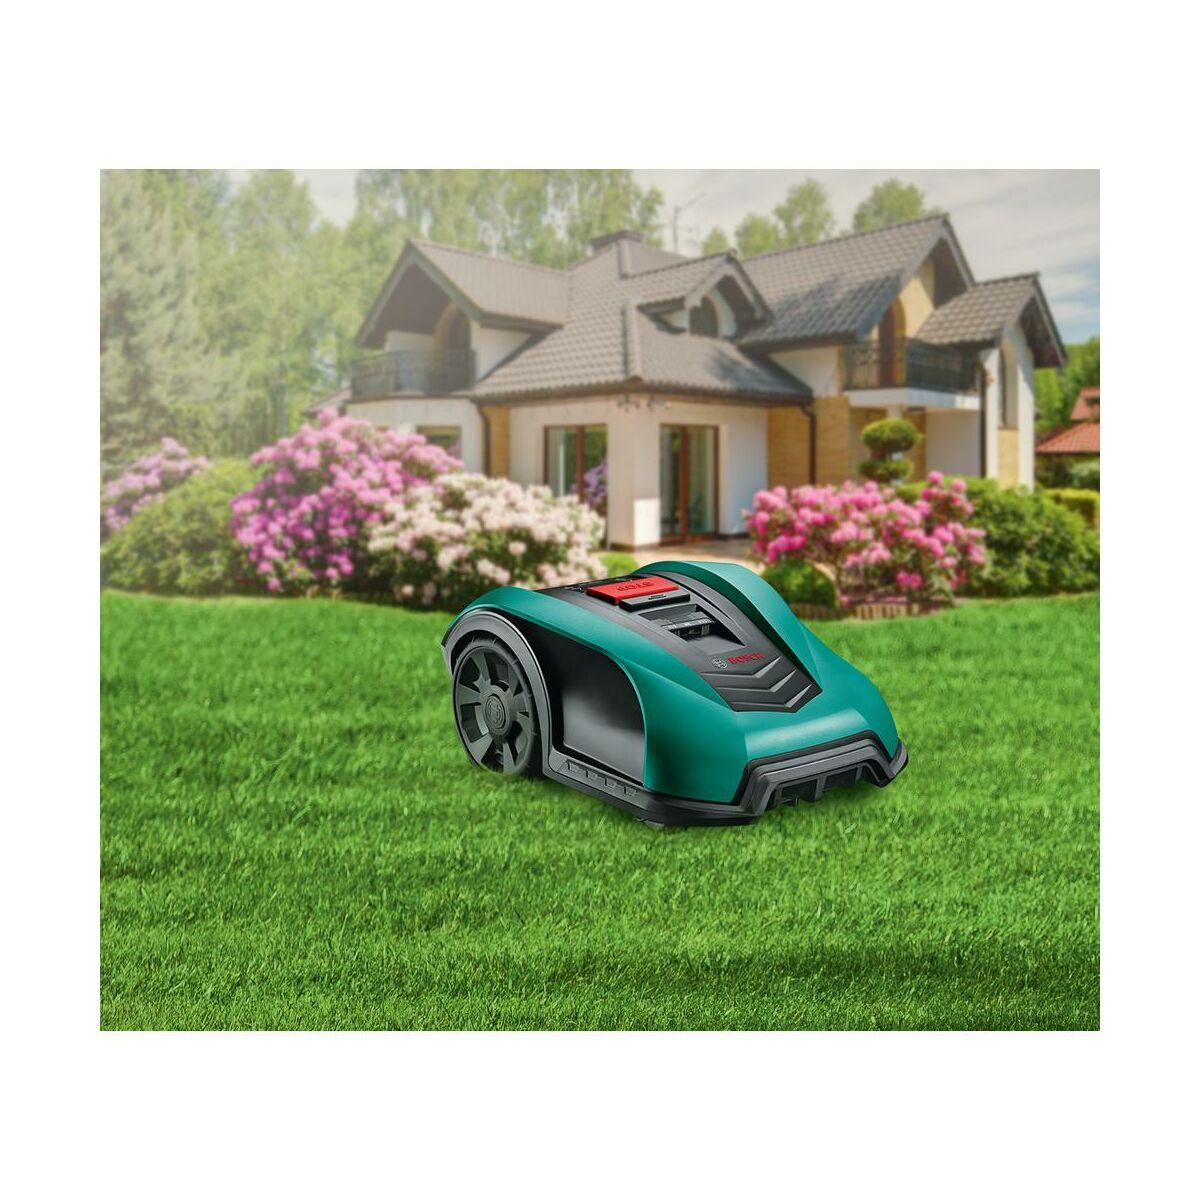 Robot Koszacy Bosch Indego 400 Logicut 2 5 Ah 18 V Roboty Koszace W Atrakcyjnej Cenie W Sklepach Leroy Merlin